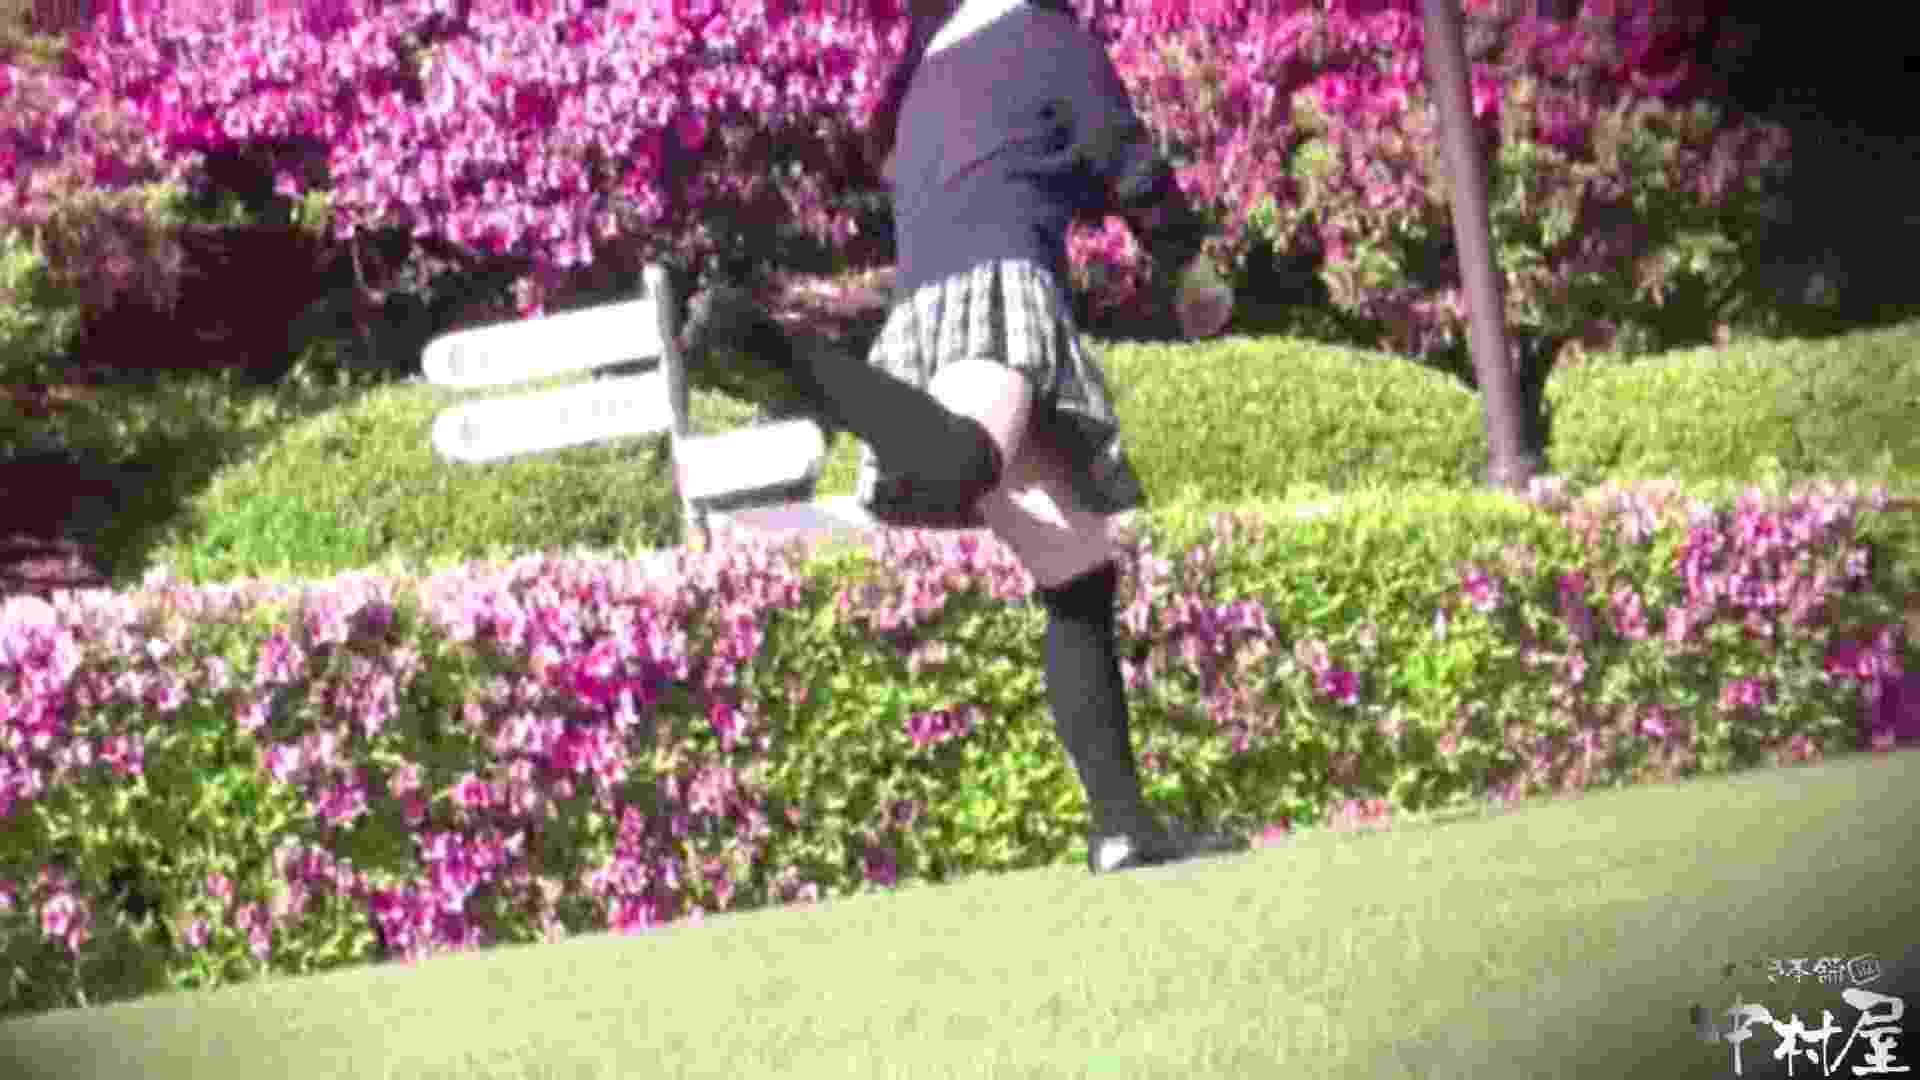 ドキドキ❤新入生パンチラ歓迎会vol.21 乙女すけべ画像 アダルト動画キャプチャ 81連発 69